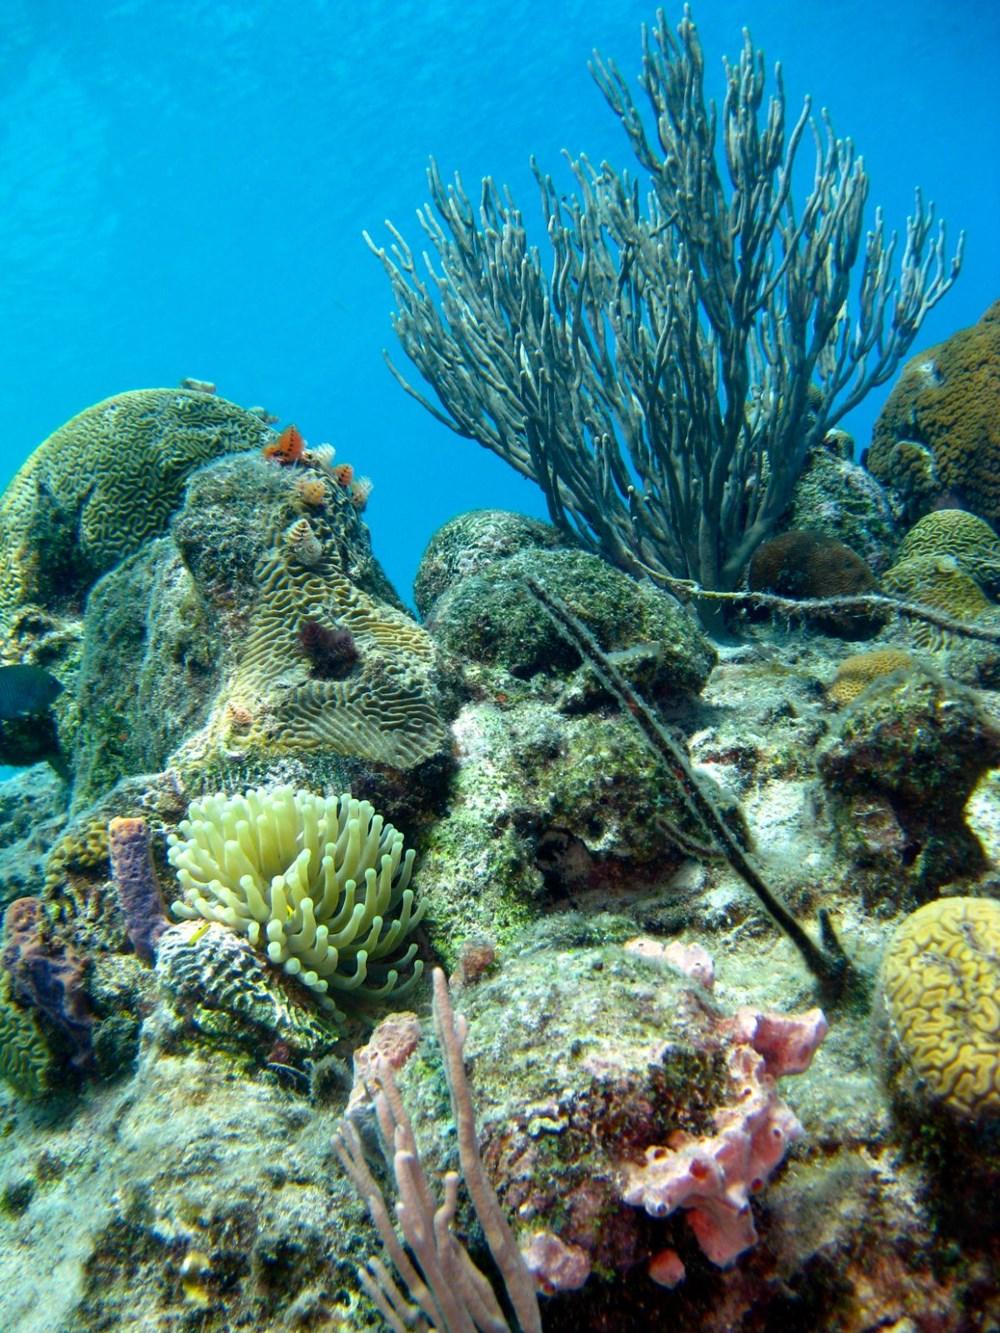 Küresel ısınma, deniz yaşamının kaynağı olan mercan resiflerini yok ediyor - 9